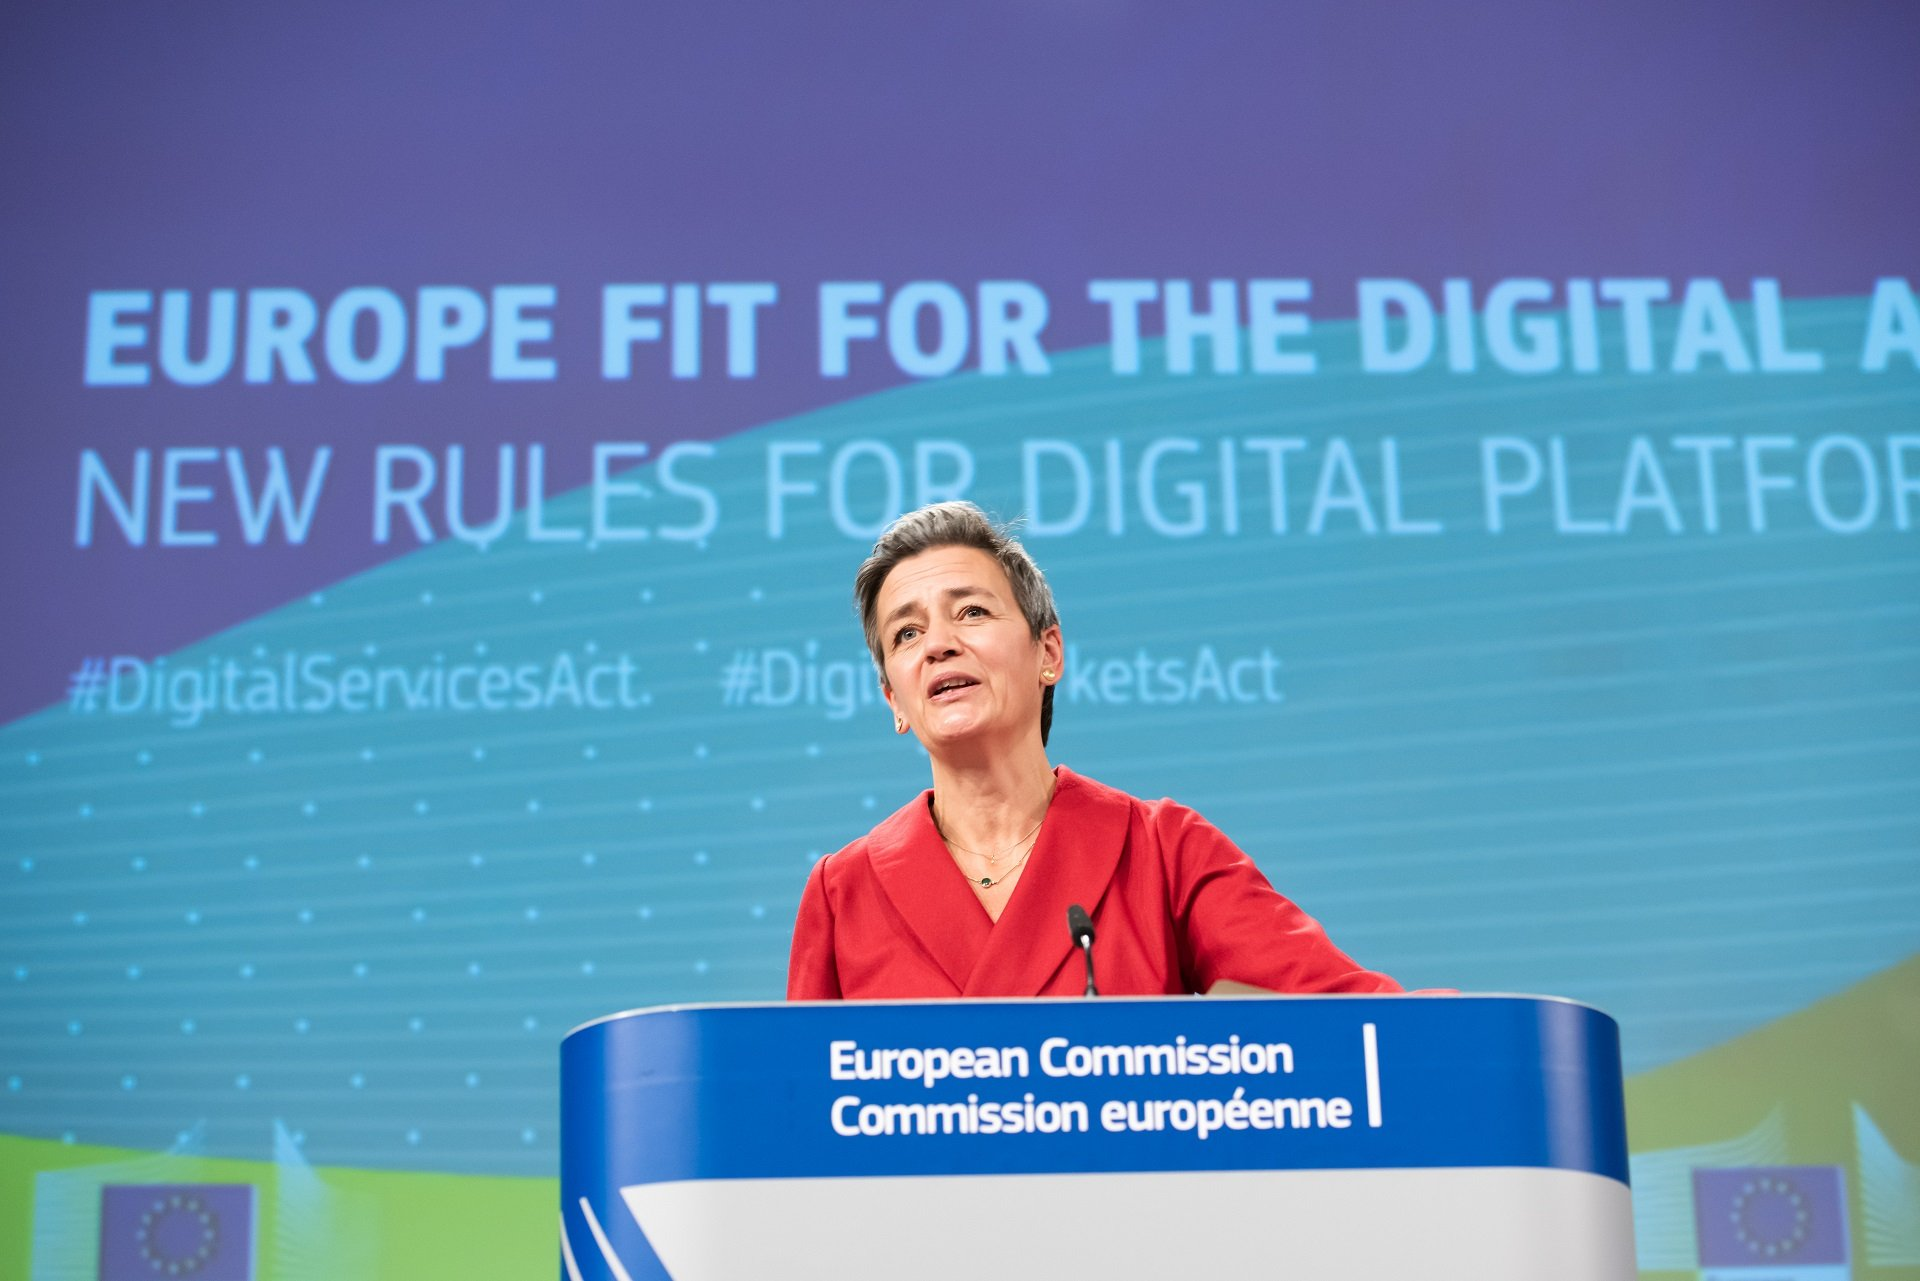 eu-digital-platform-act-vestager